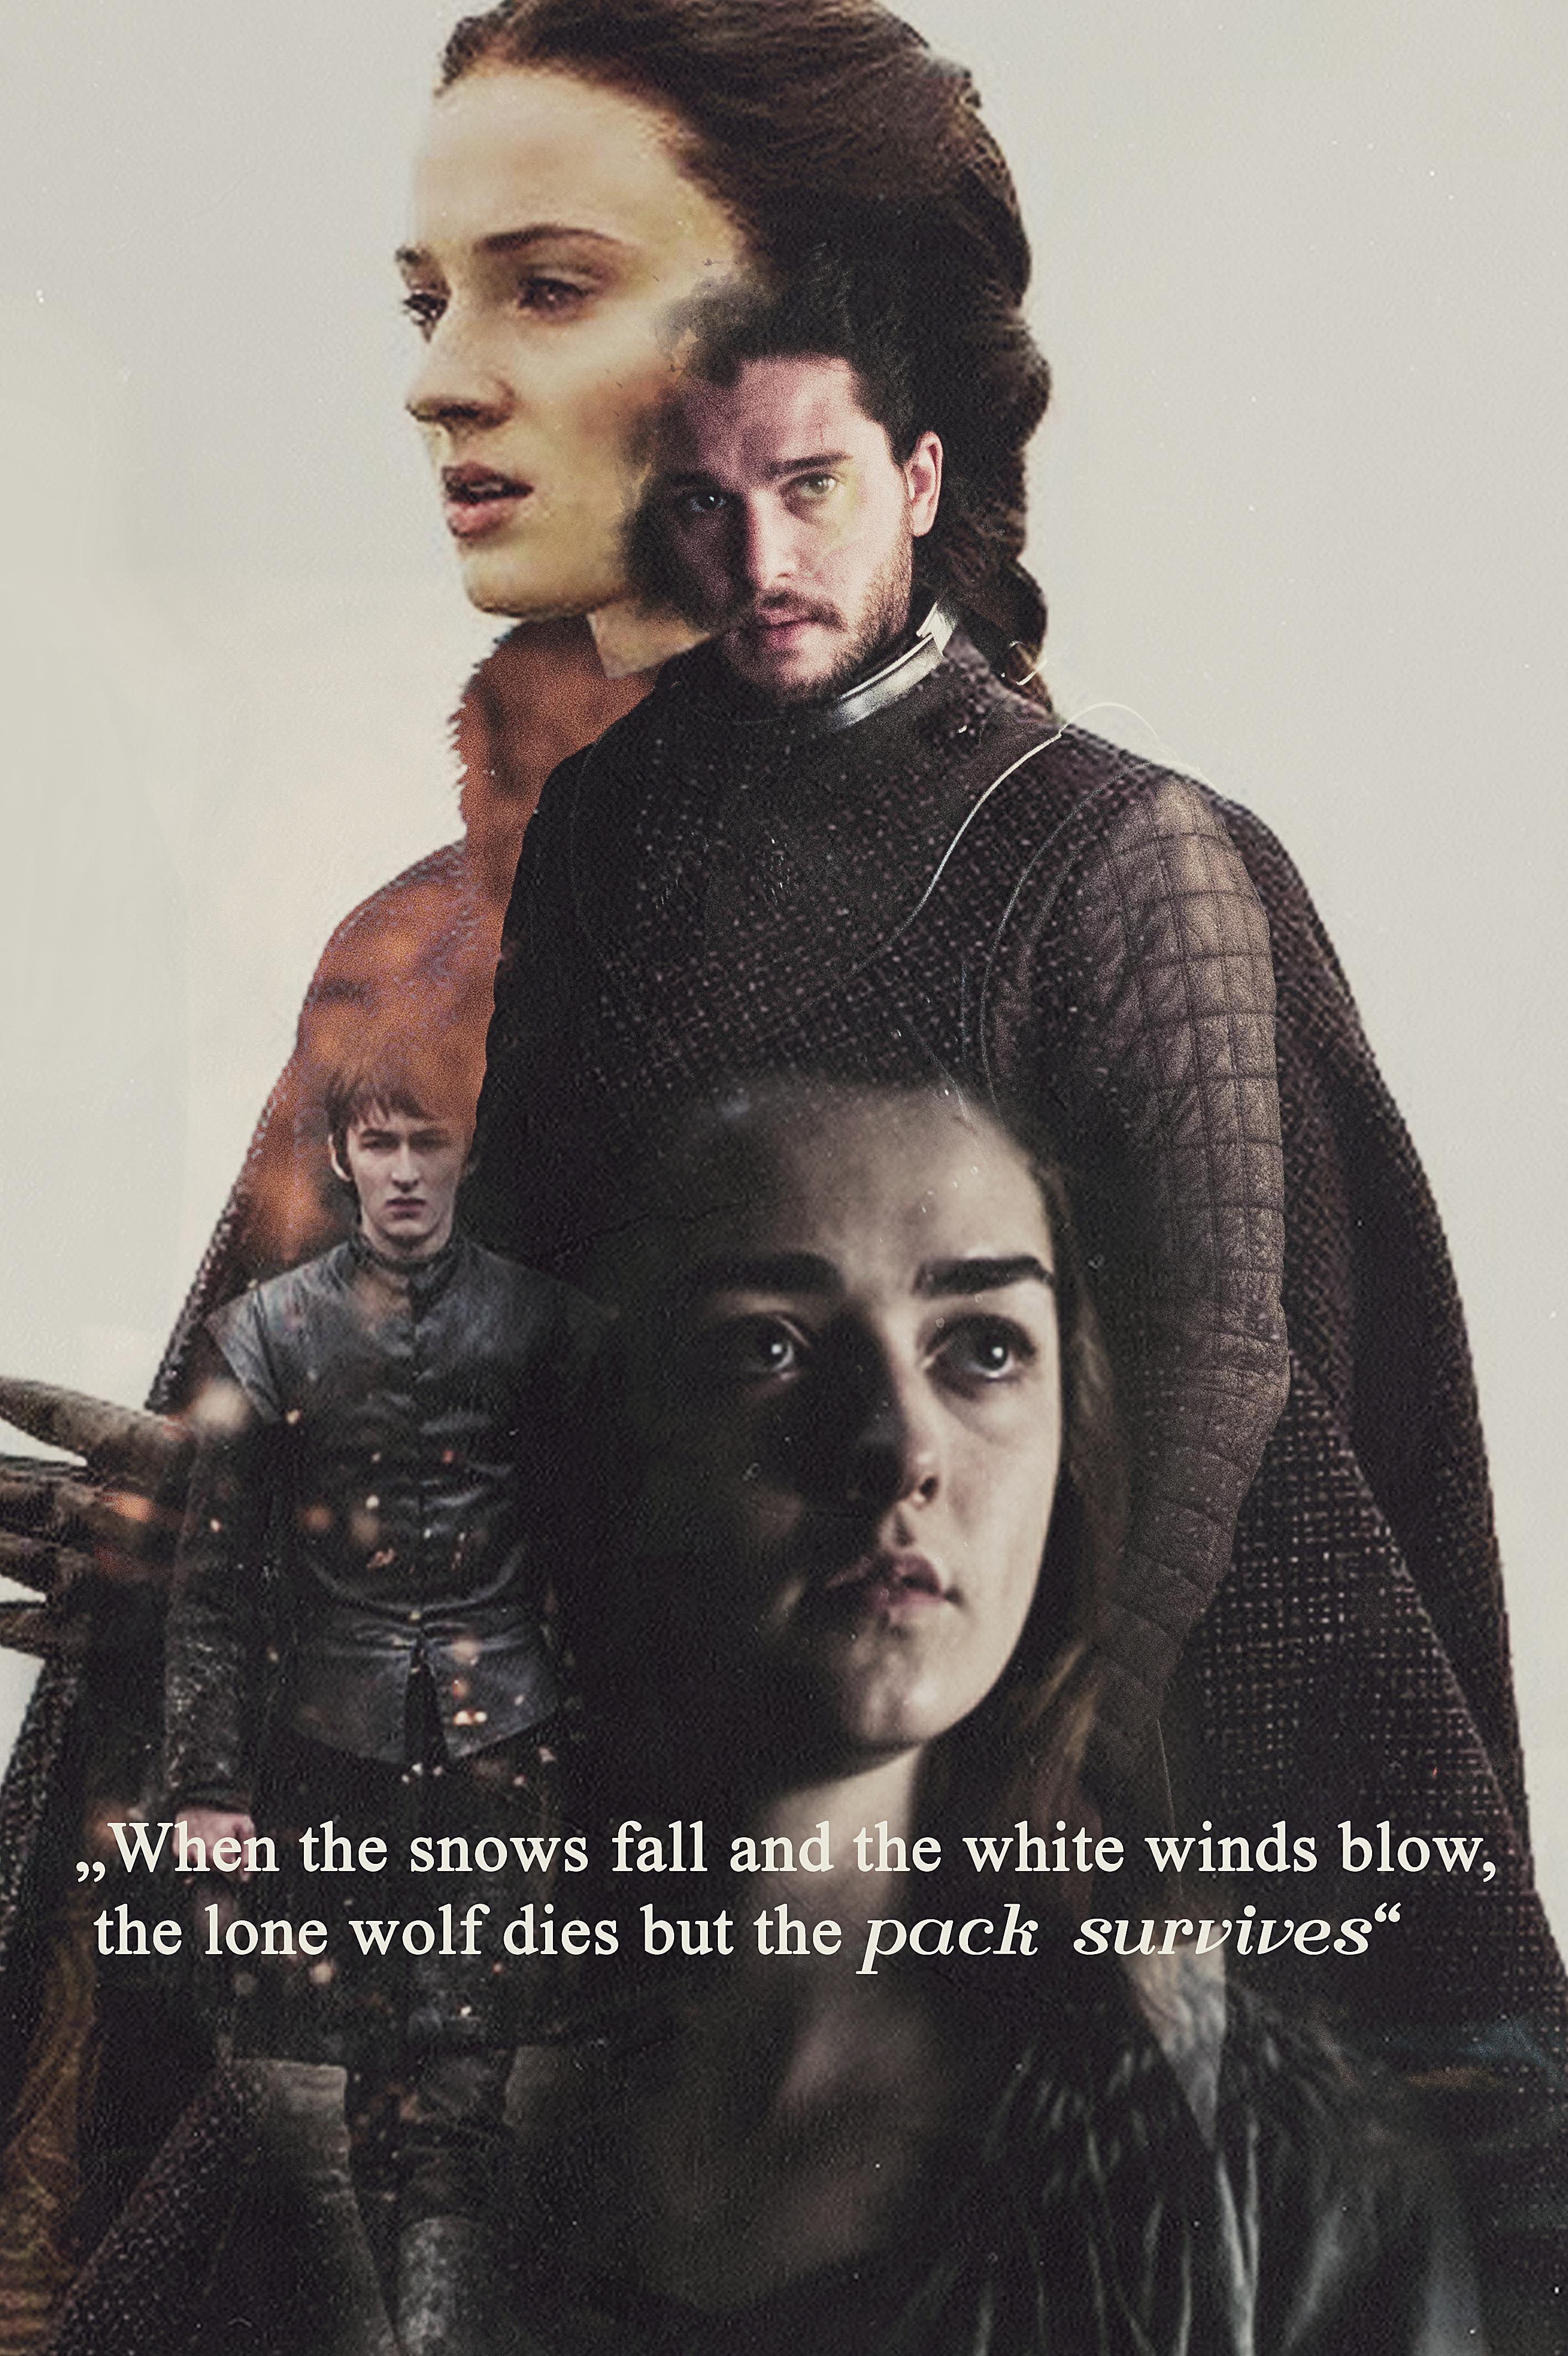 Game Of Thrones Jon Snow Sansa Stark Arya Stark Jonarys Season Got Edit Got Winter Is Coming The Pack Sur Jon Snow Jon And Sansa Game Of Thrones Sansa